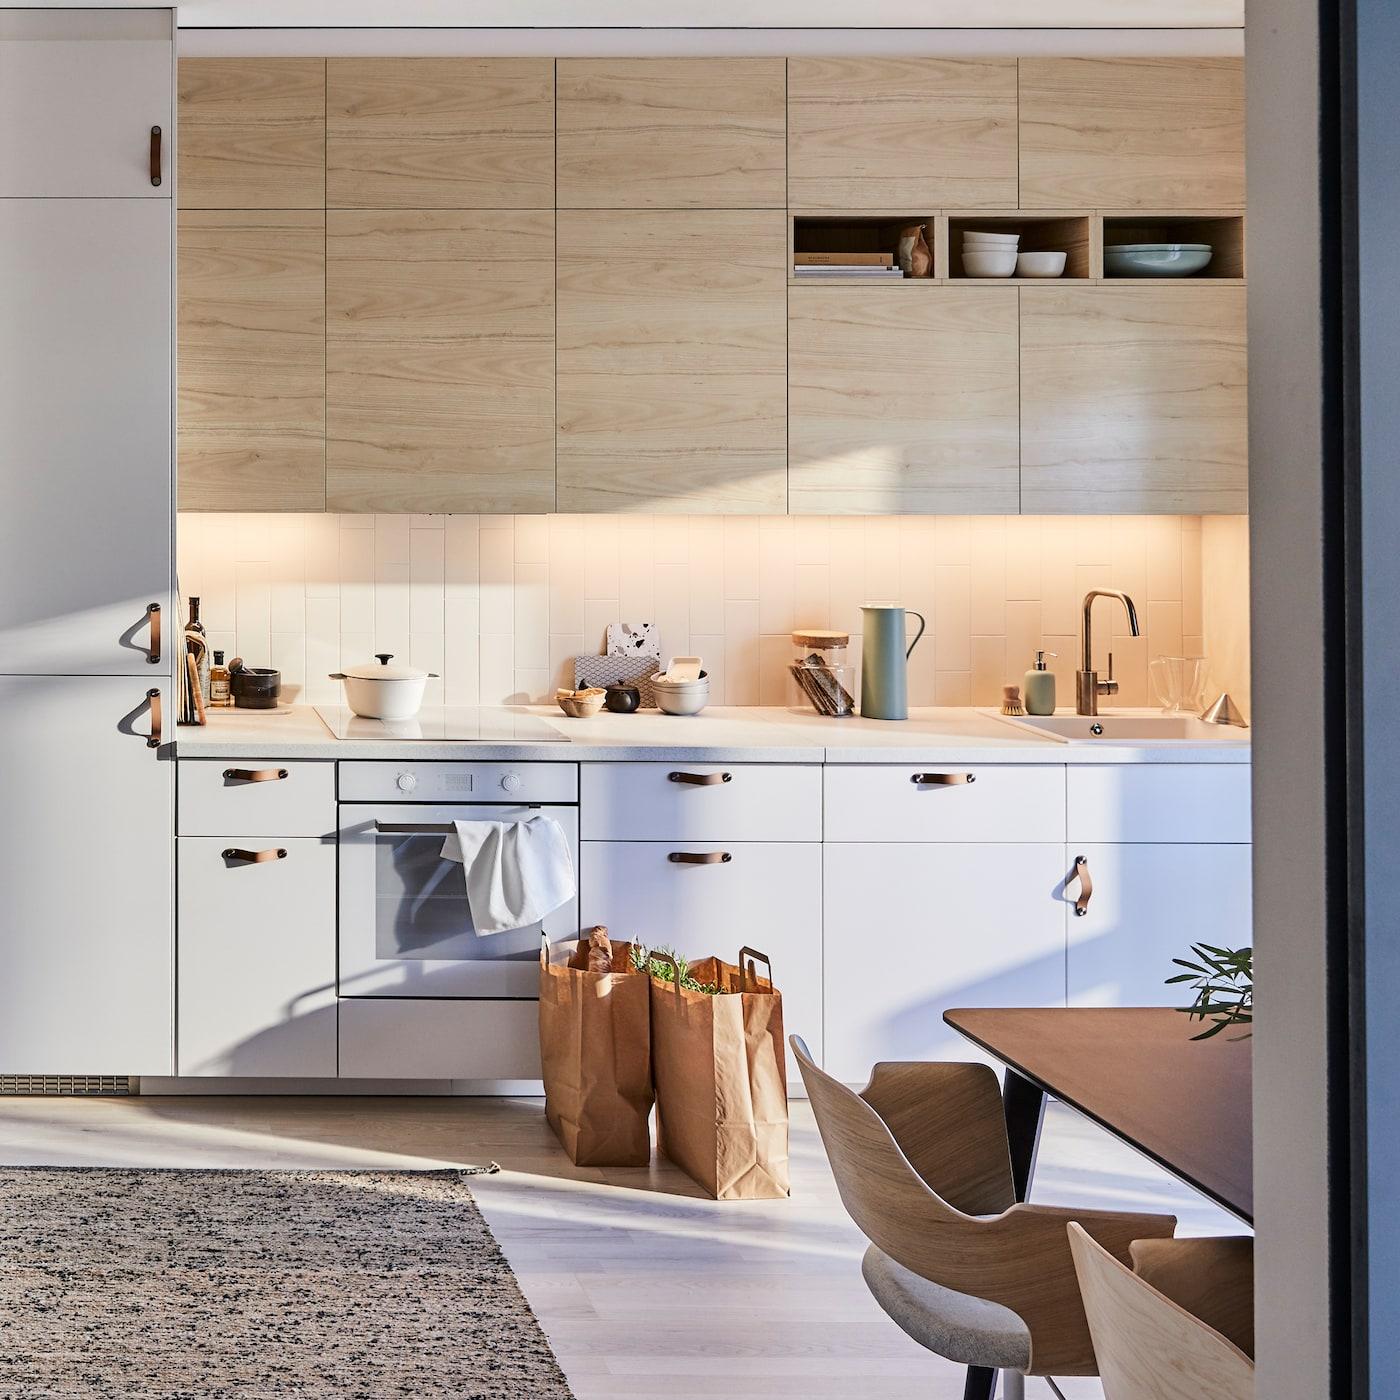 Ante Per Cucina In Muratura Ikea.Lasciati Ispirare Dalle Nostre Cucine Ikea